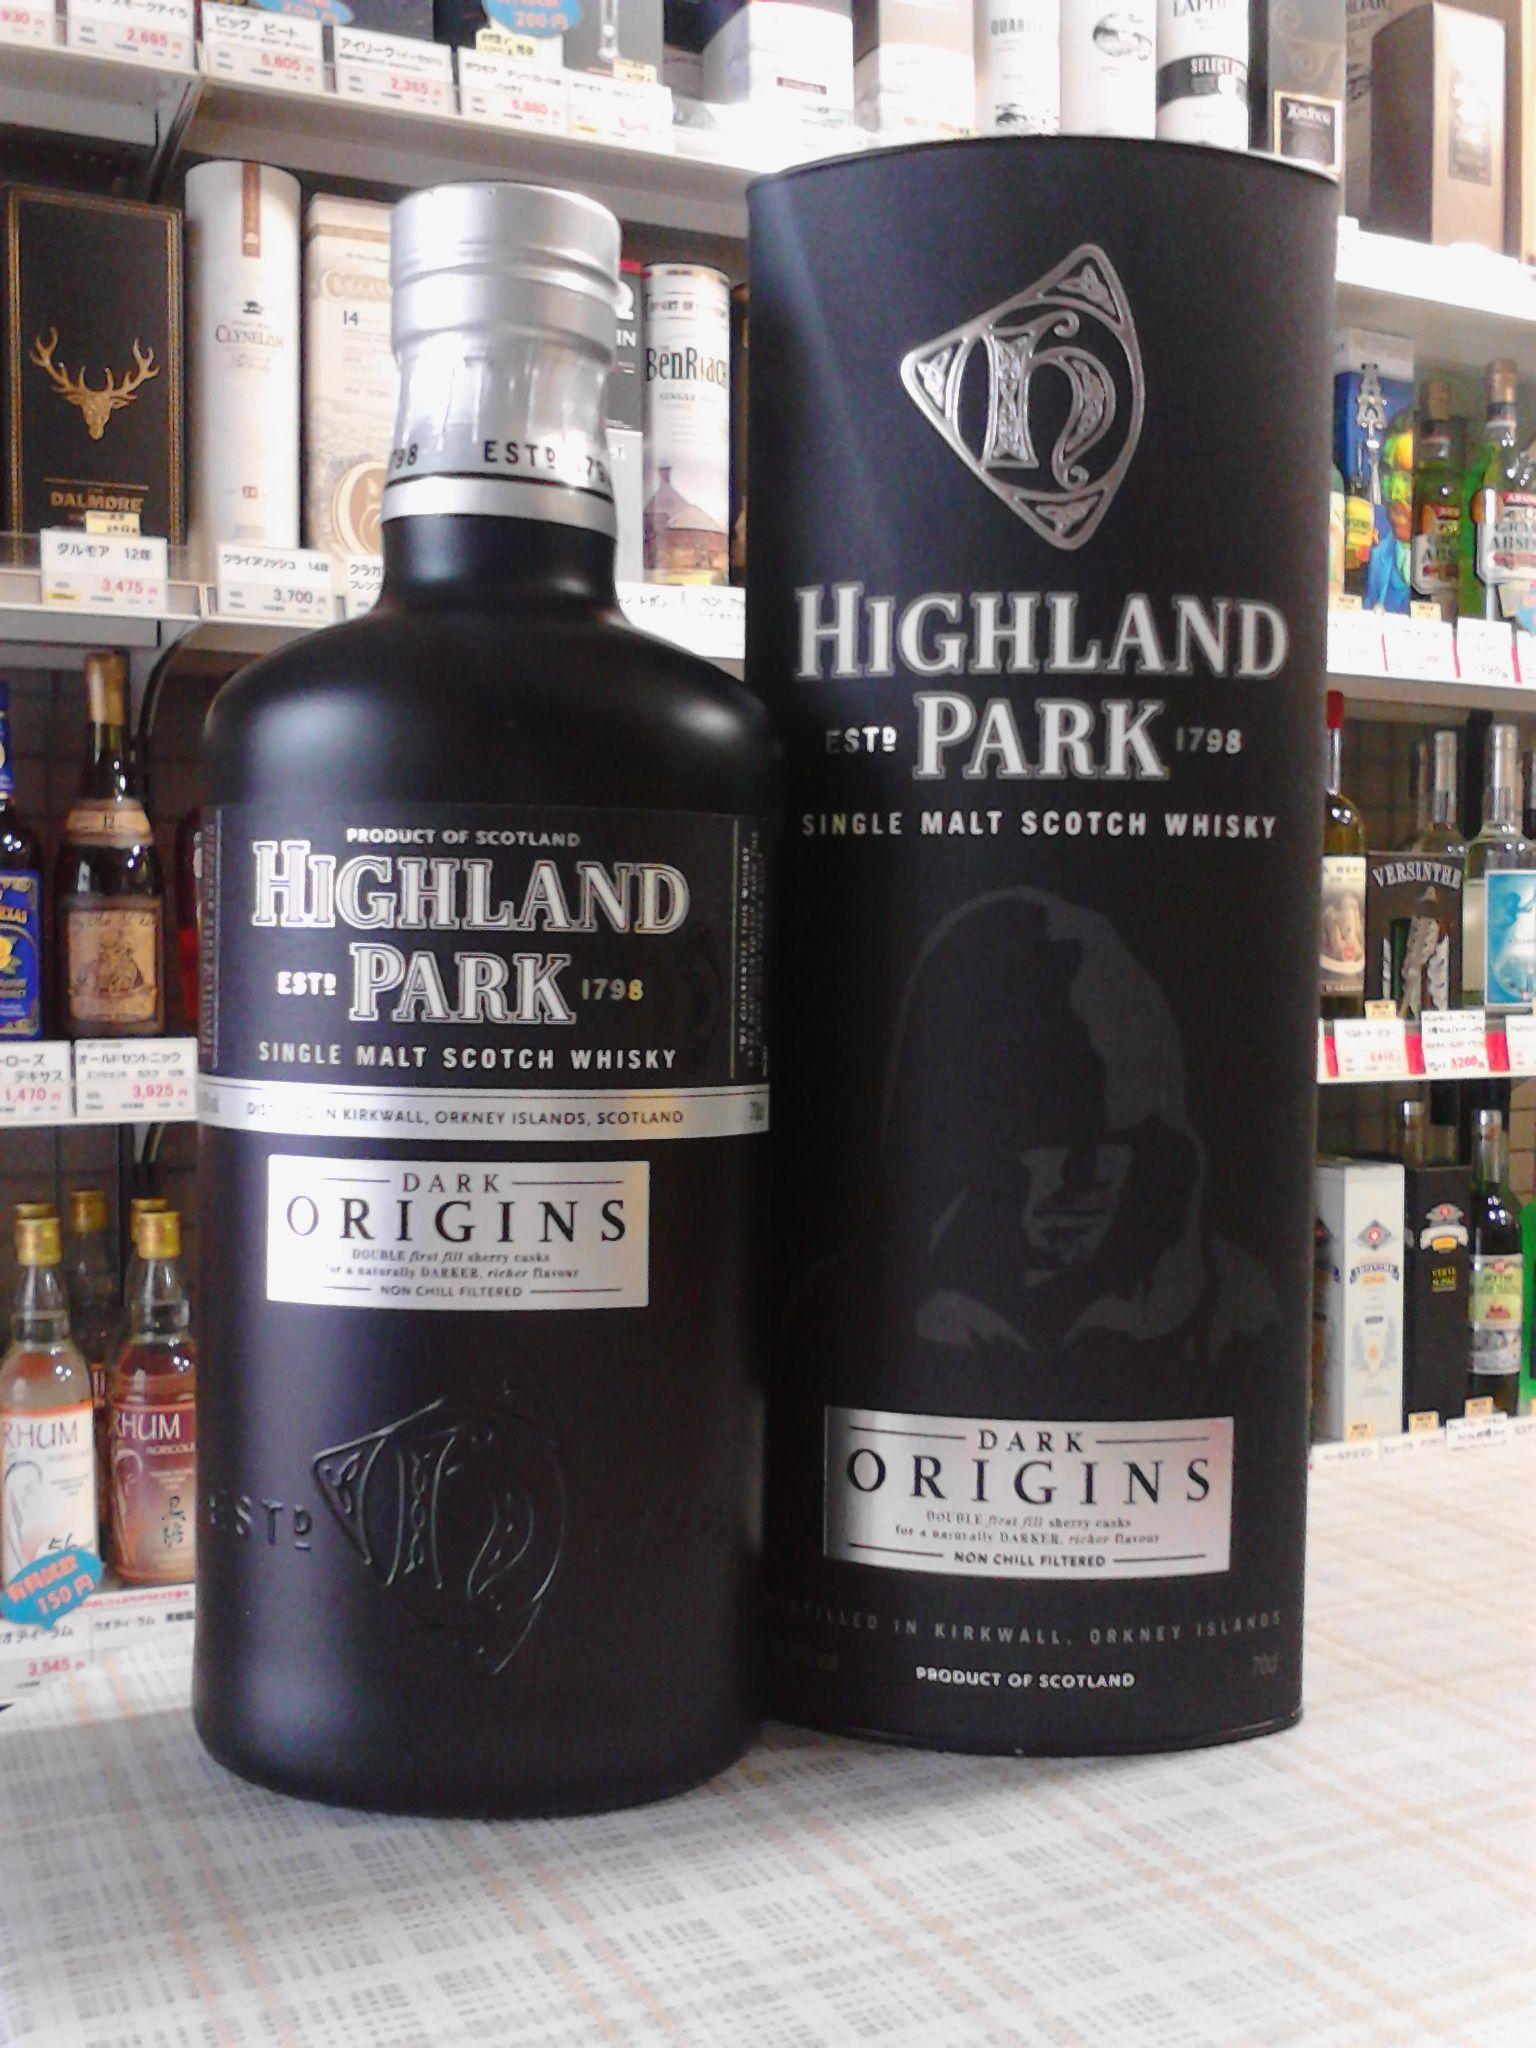 ハイランドパーク ダークオリジンズ 46.8% 700ml HIGHLAND PARK DarkOrigins